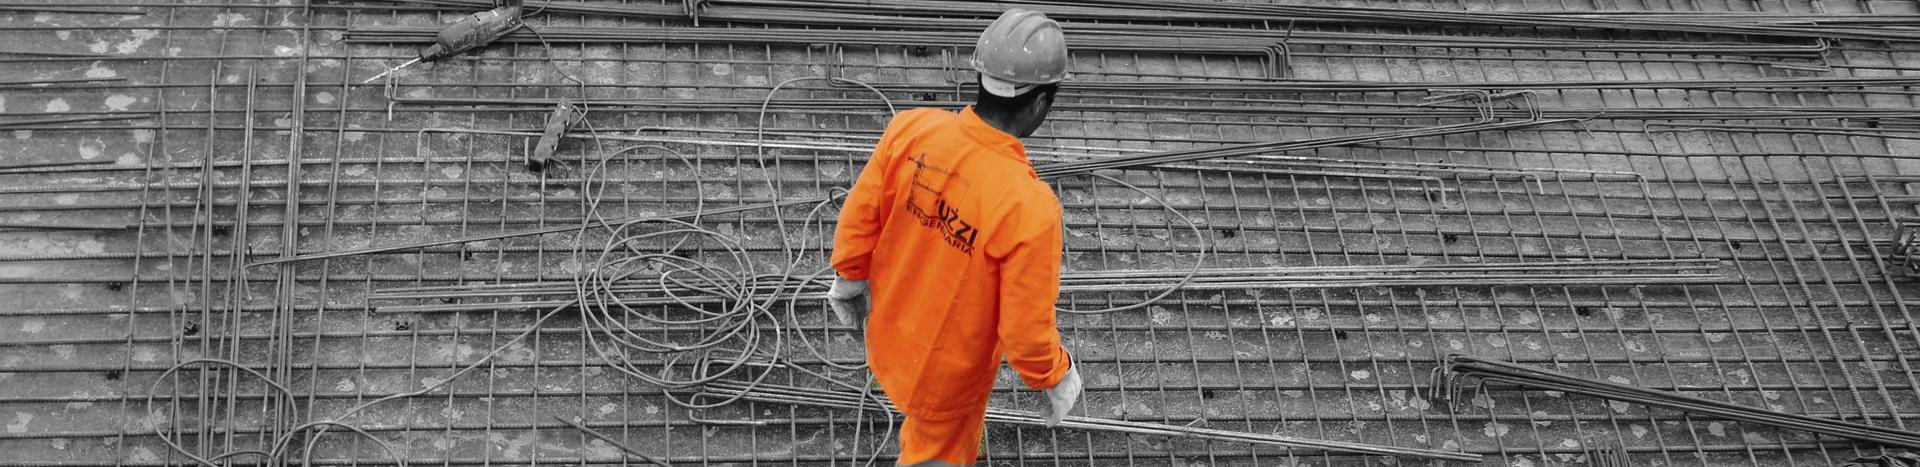 Arbeidsongeval betonstorter | LetselPro